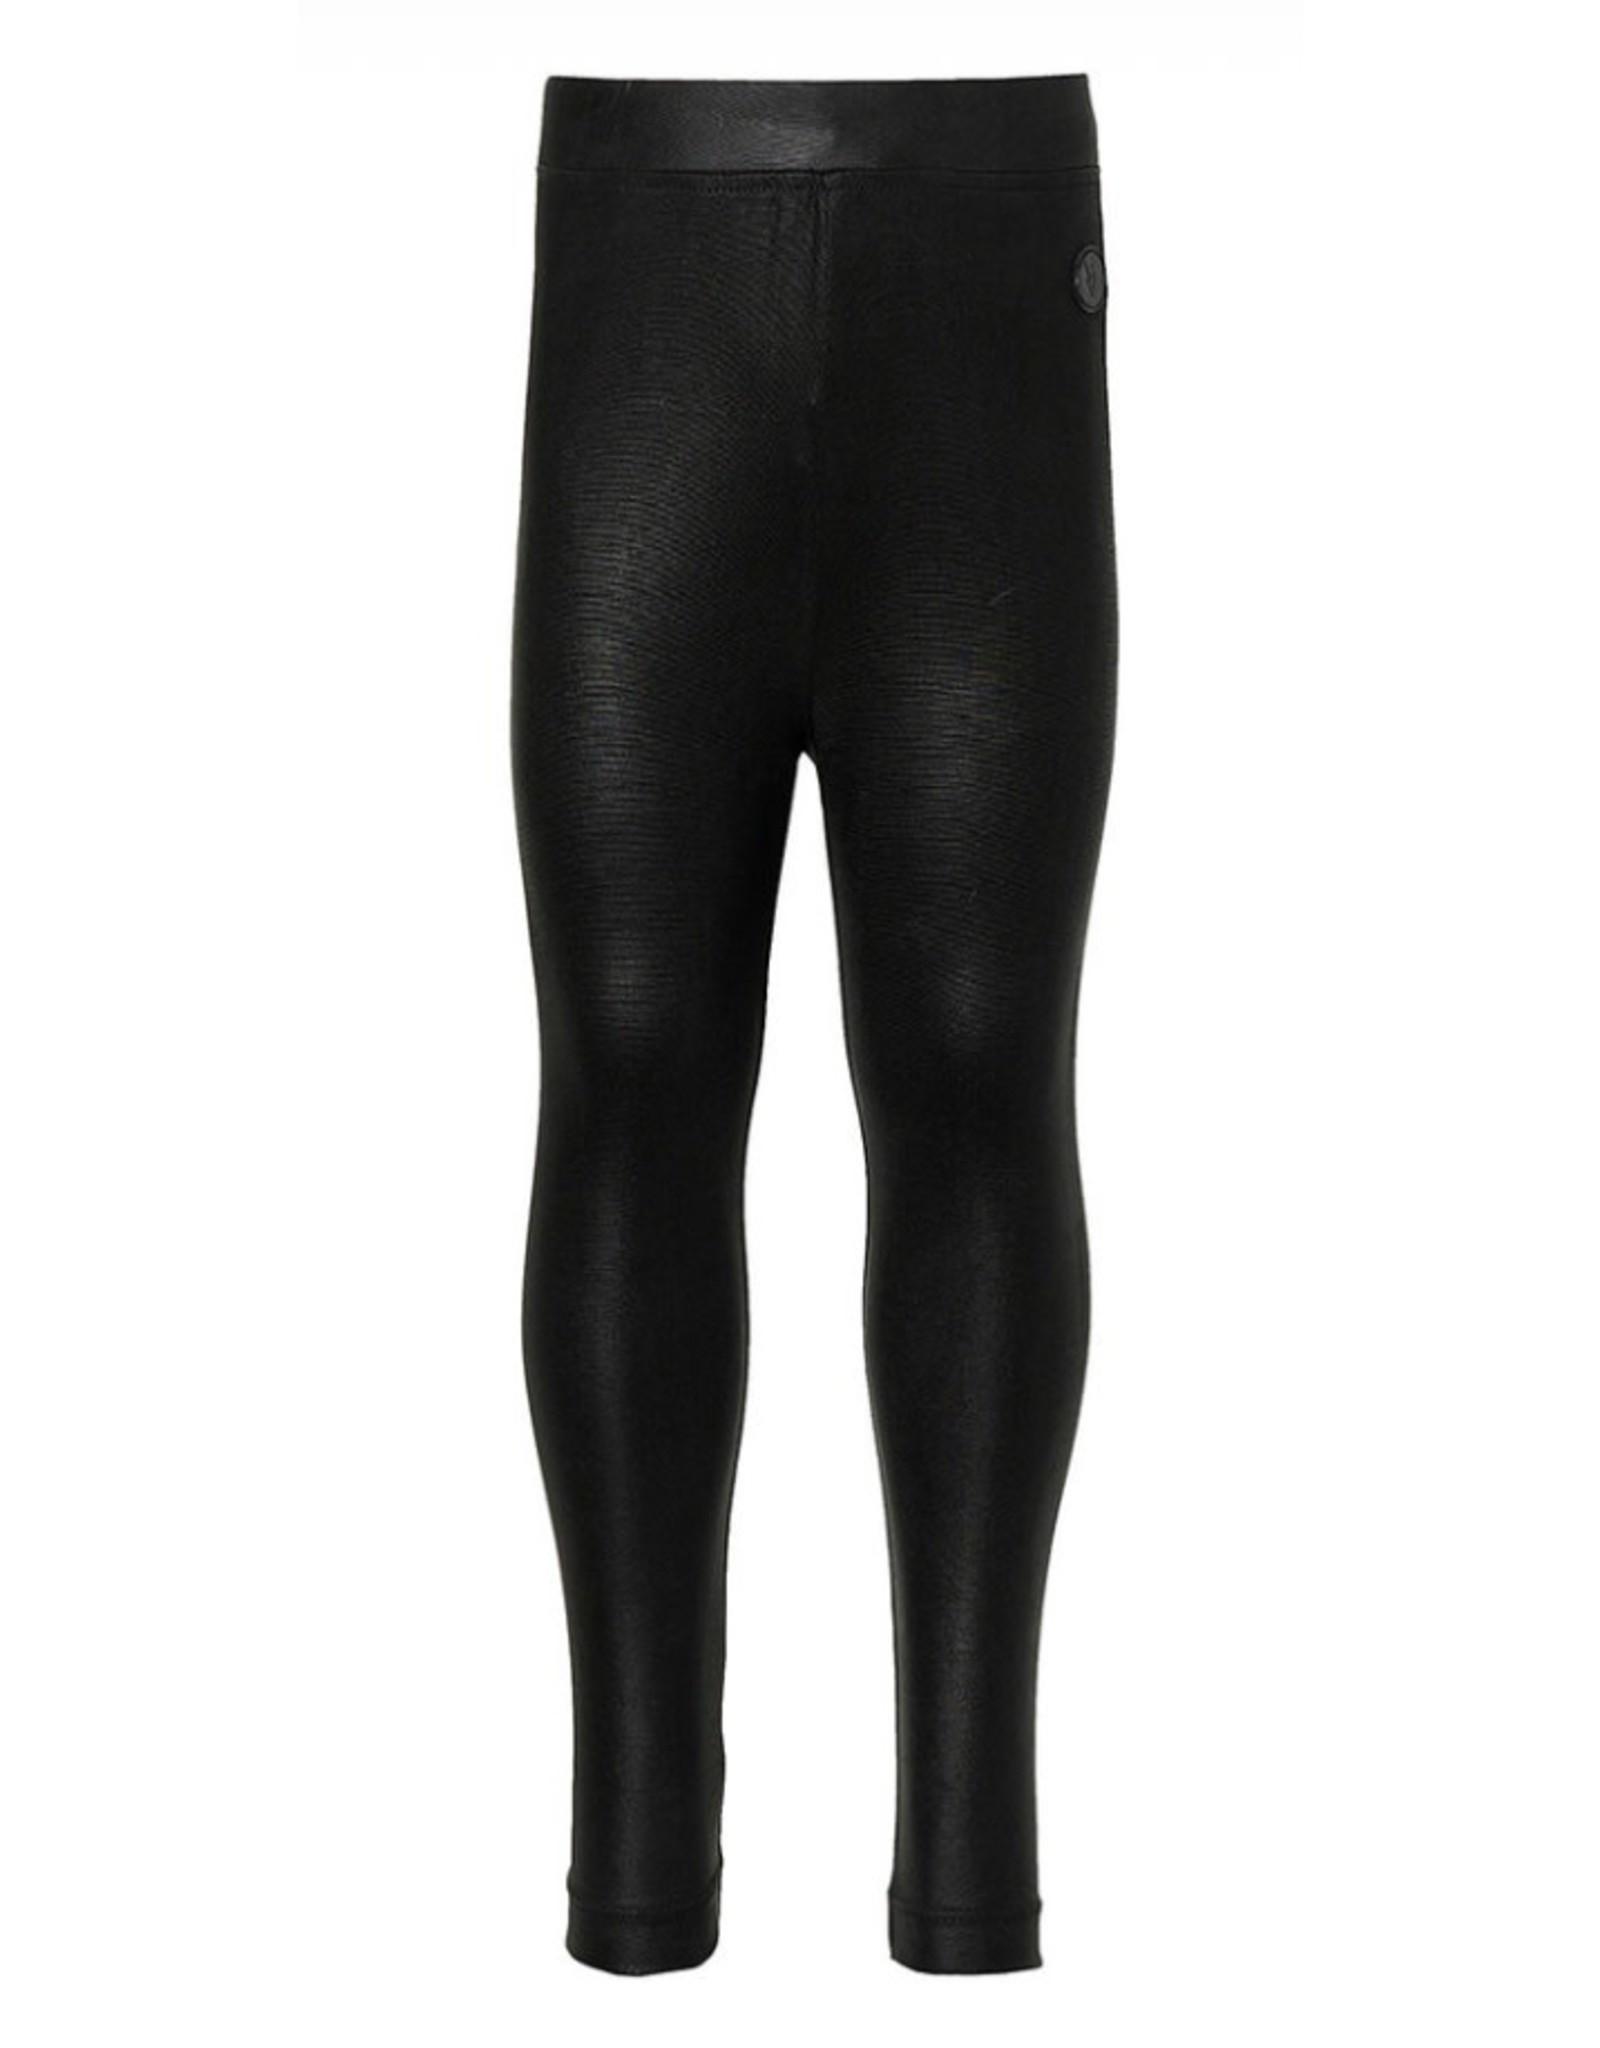 Levv Legging Luna - zwart shiny